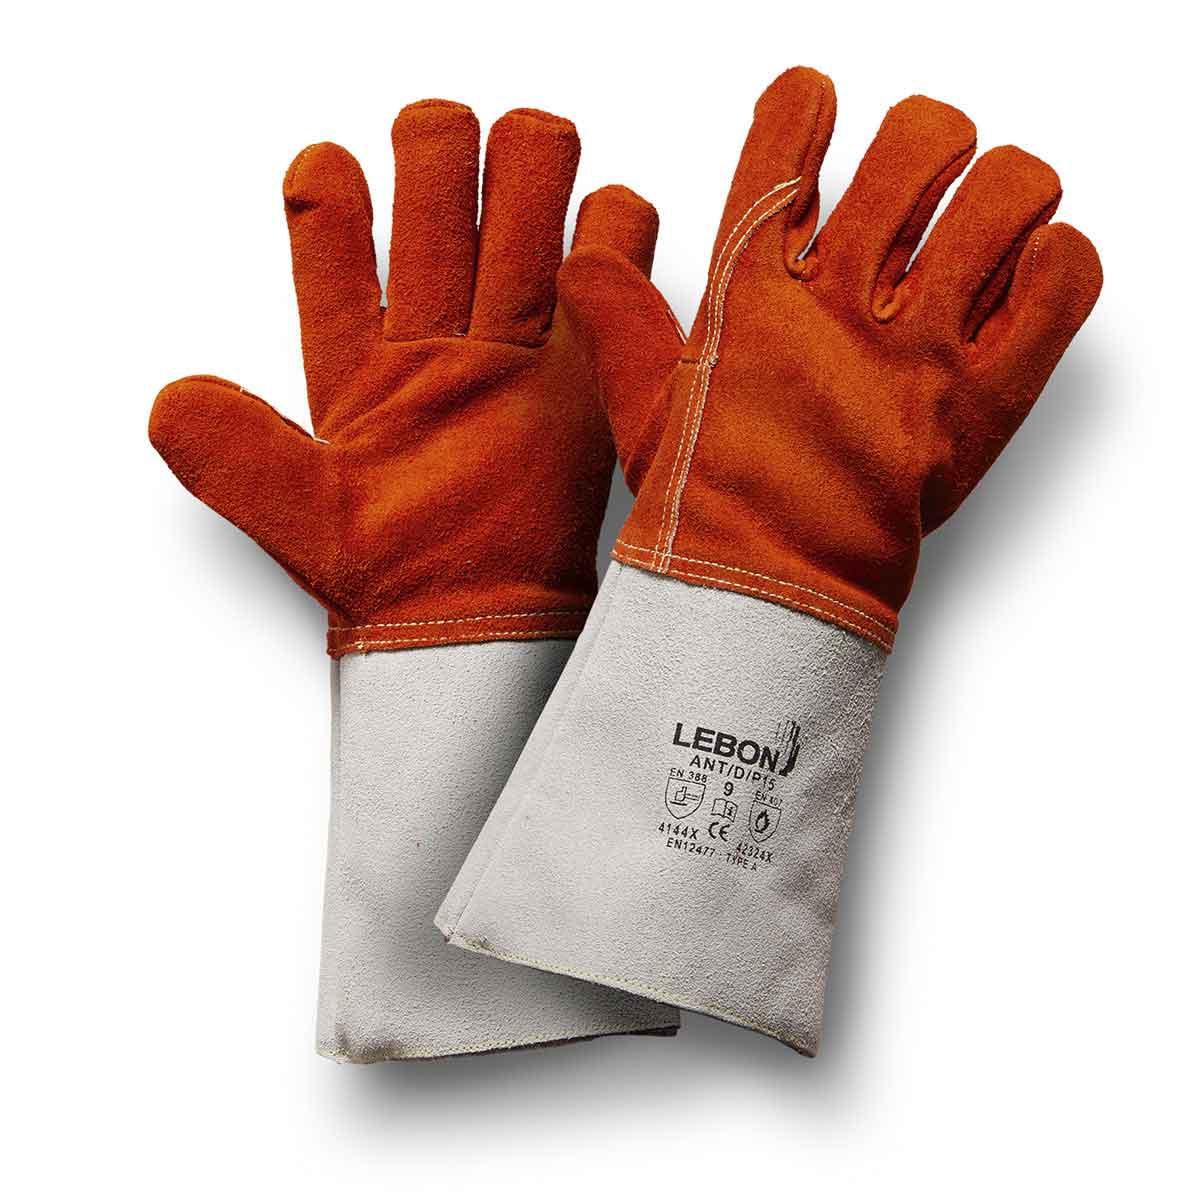 Gants croute de bovin antd/p15 Lebon Protection